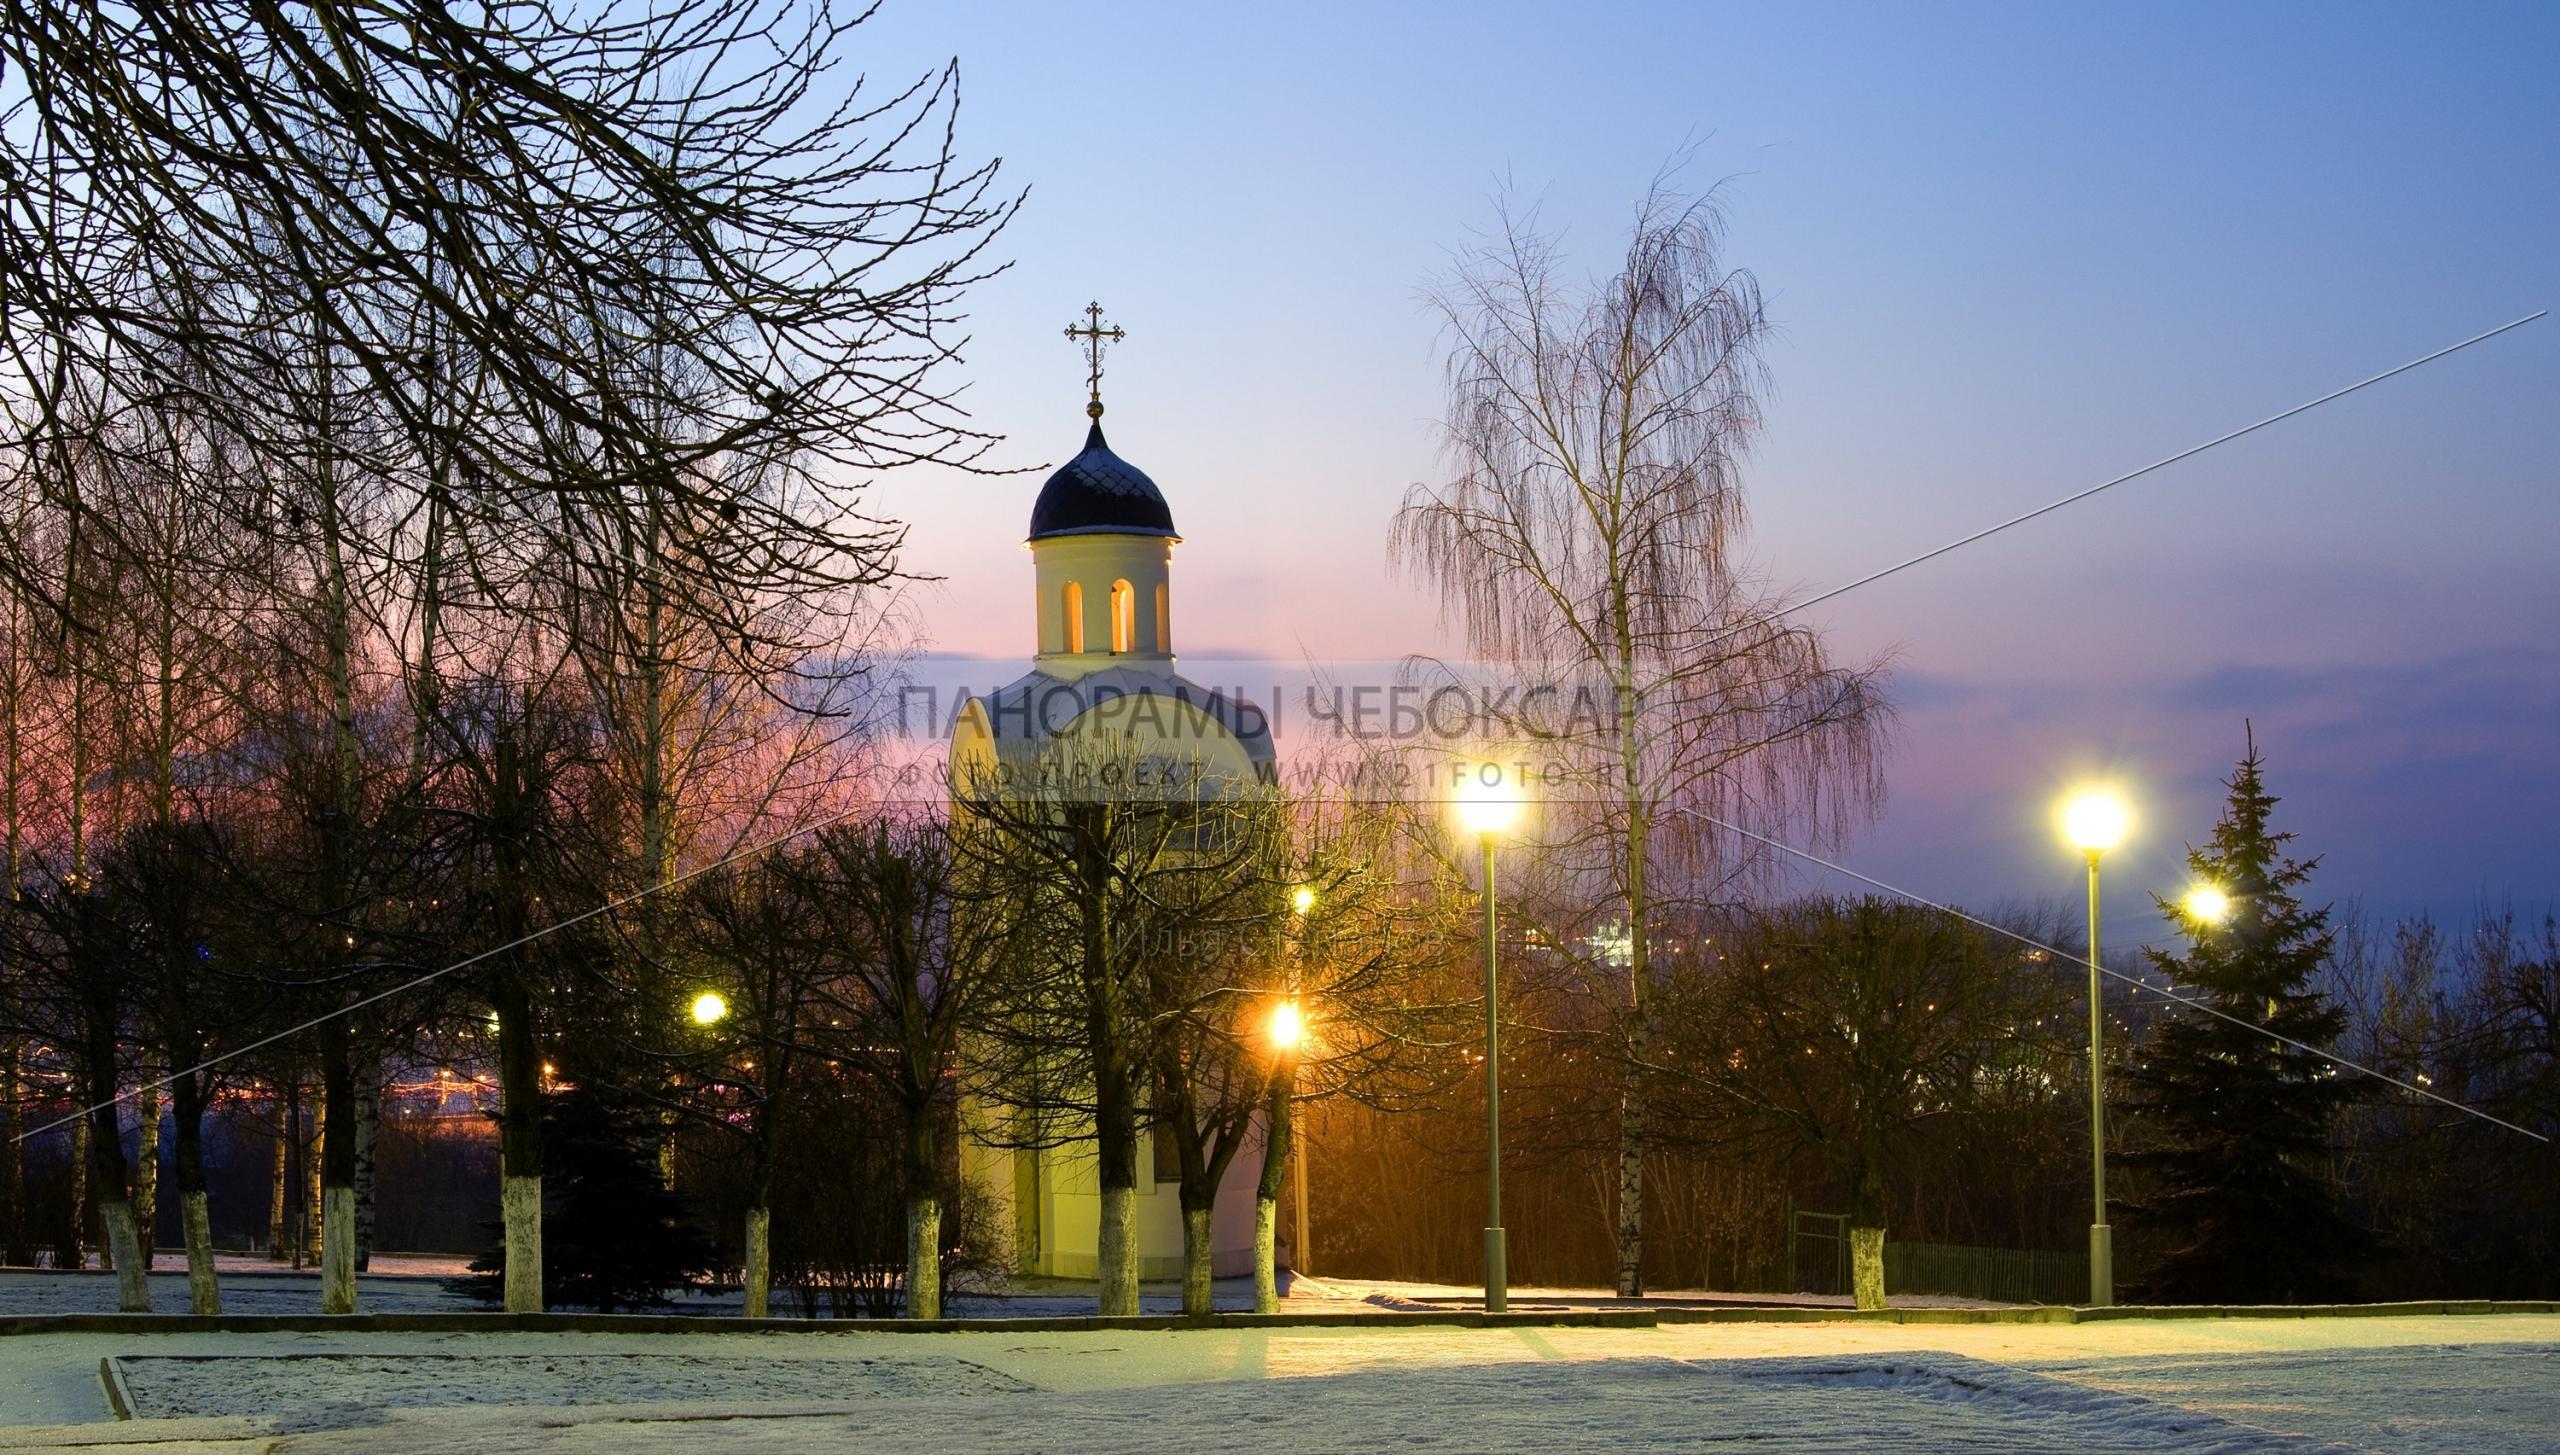 Храм-часовня Иоанна Воина Вид №3 Илья Степанов — Чебоксары